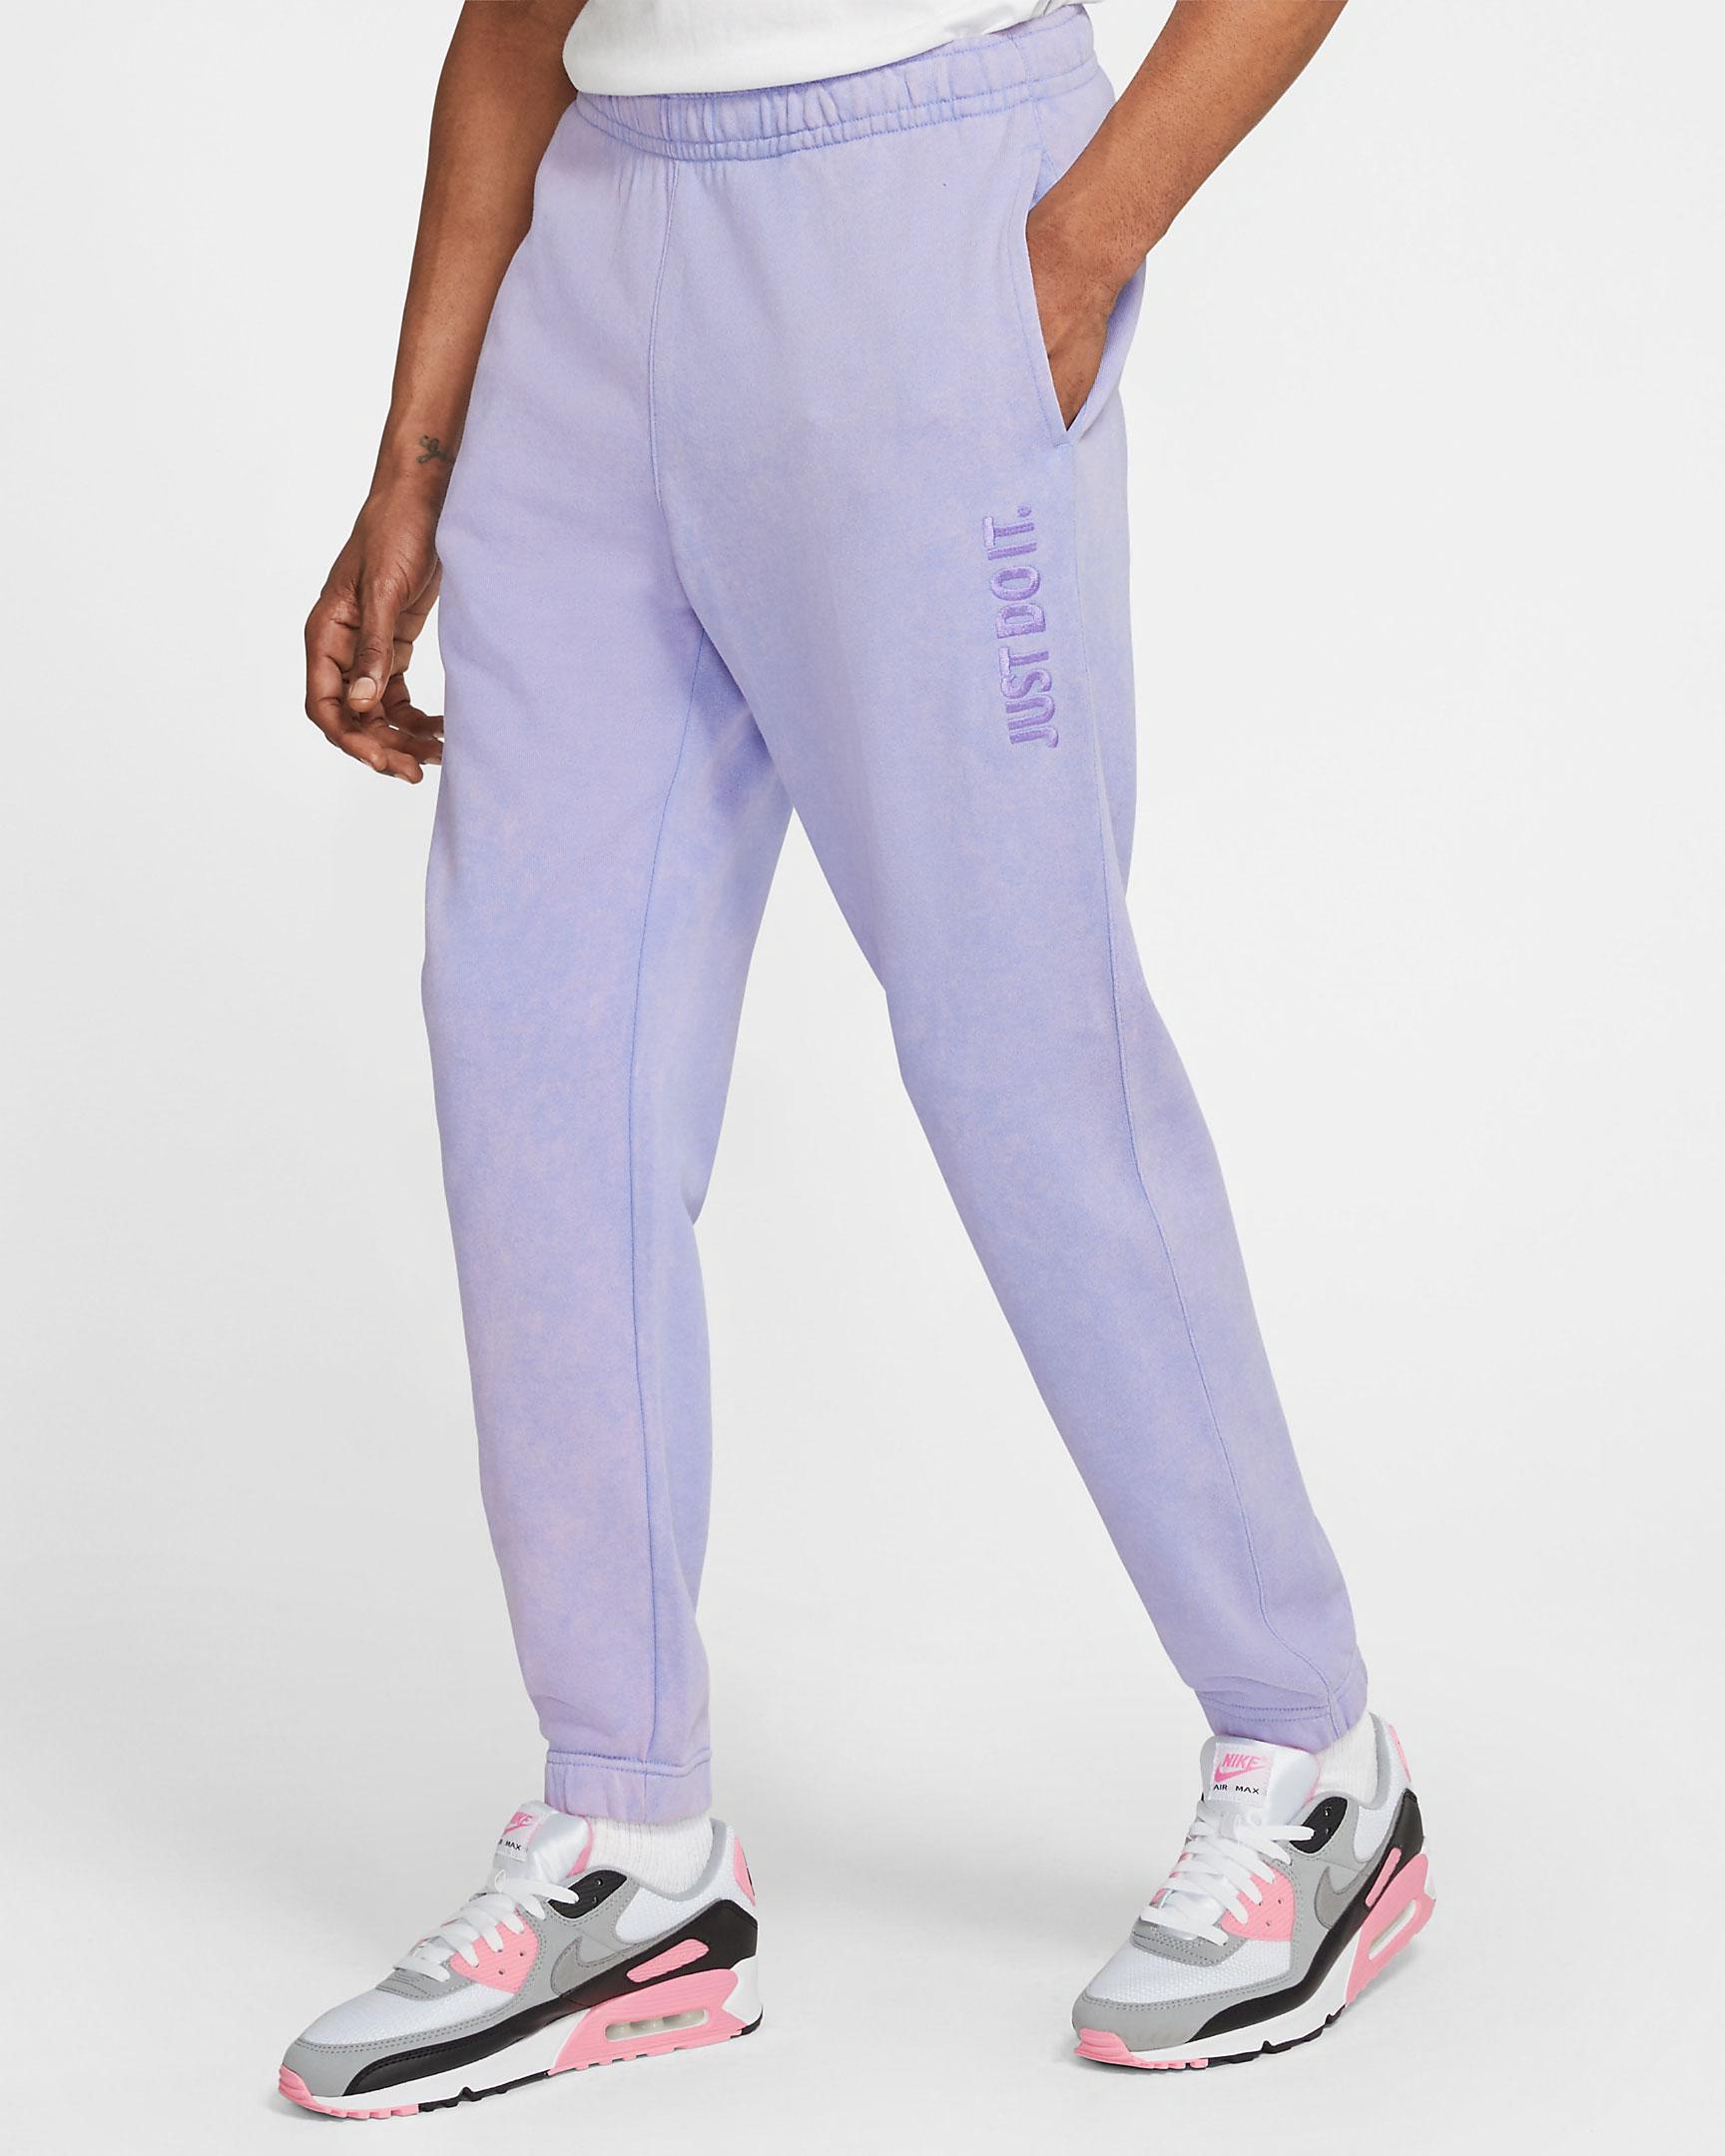 nike-jdi-just-do-it-jogger-pants-purple